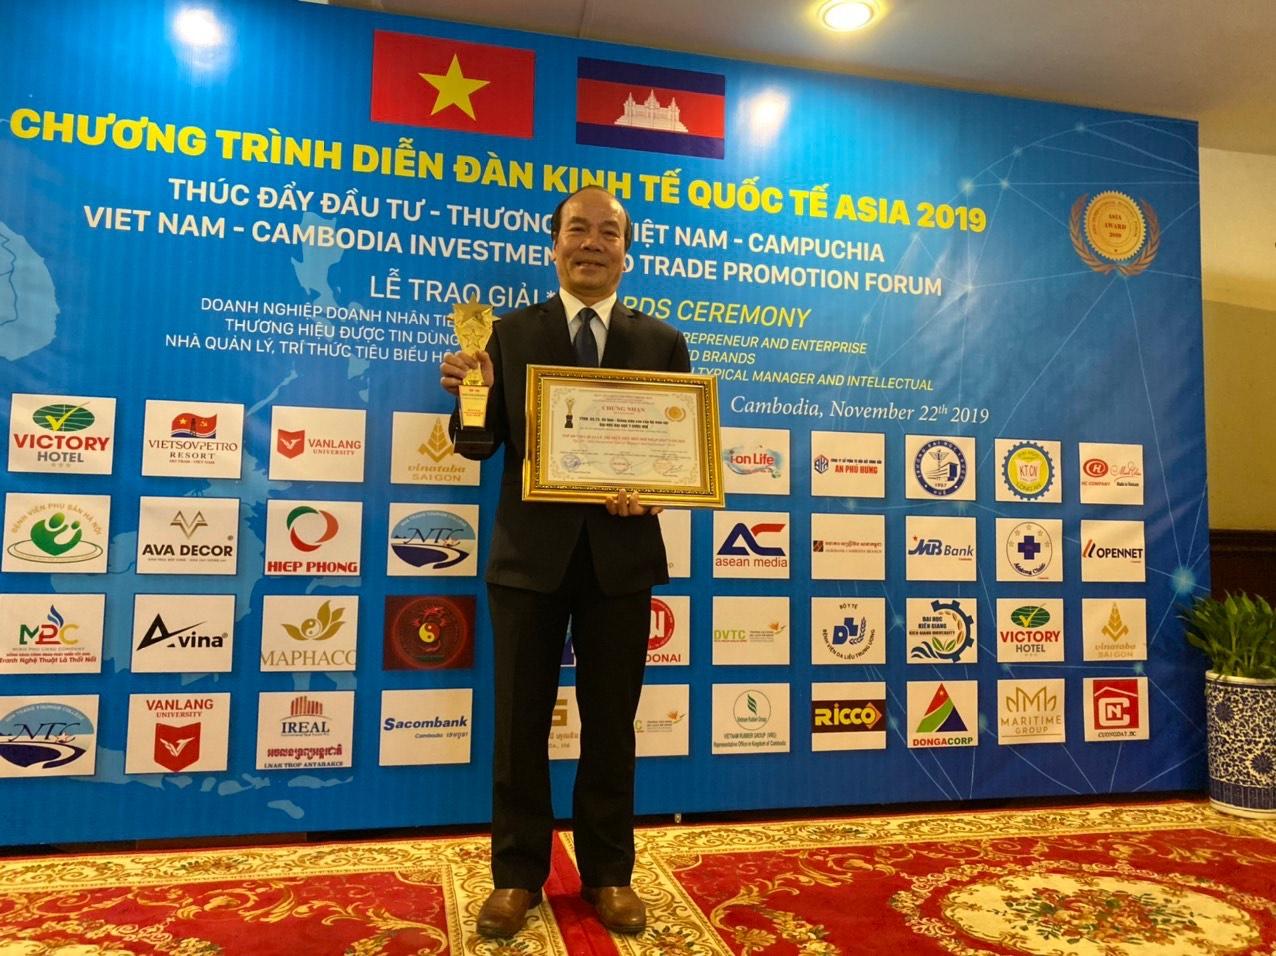 """GS.TS. Võ Tam được nhận Danh hiệu """"Top 100 Nhà quản lý, trí thức tiêu biểu hội nhập ASIA"""""""